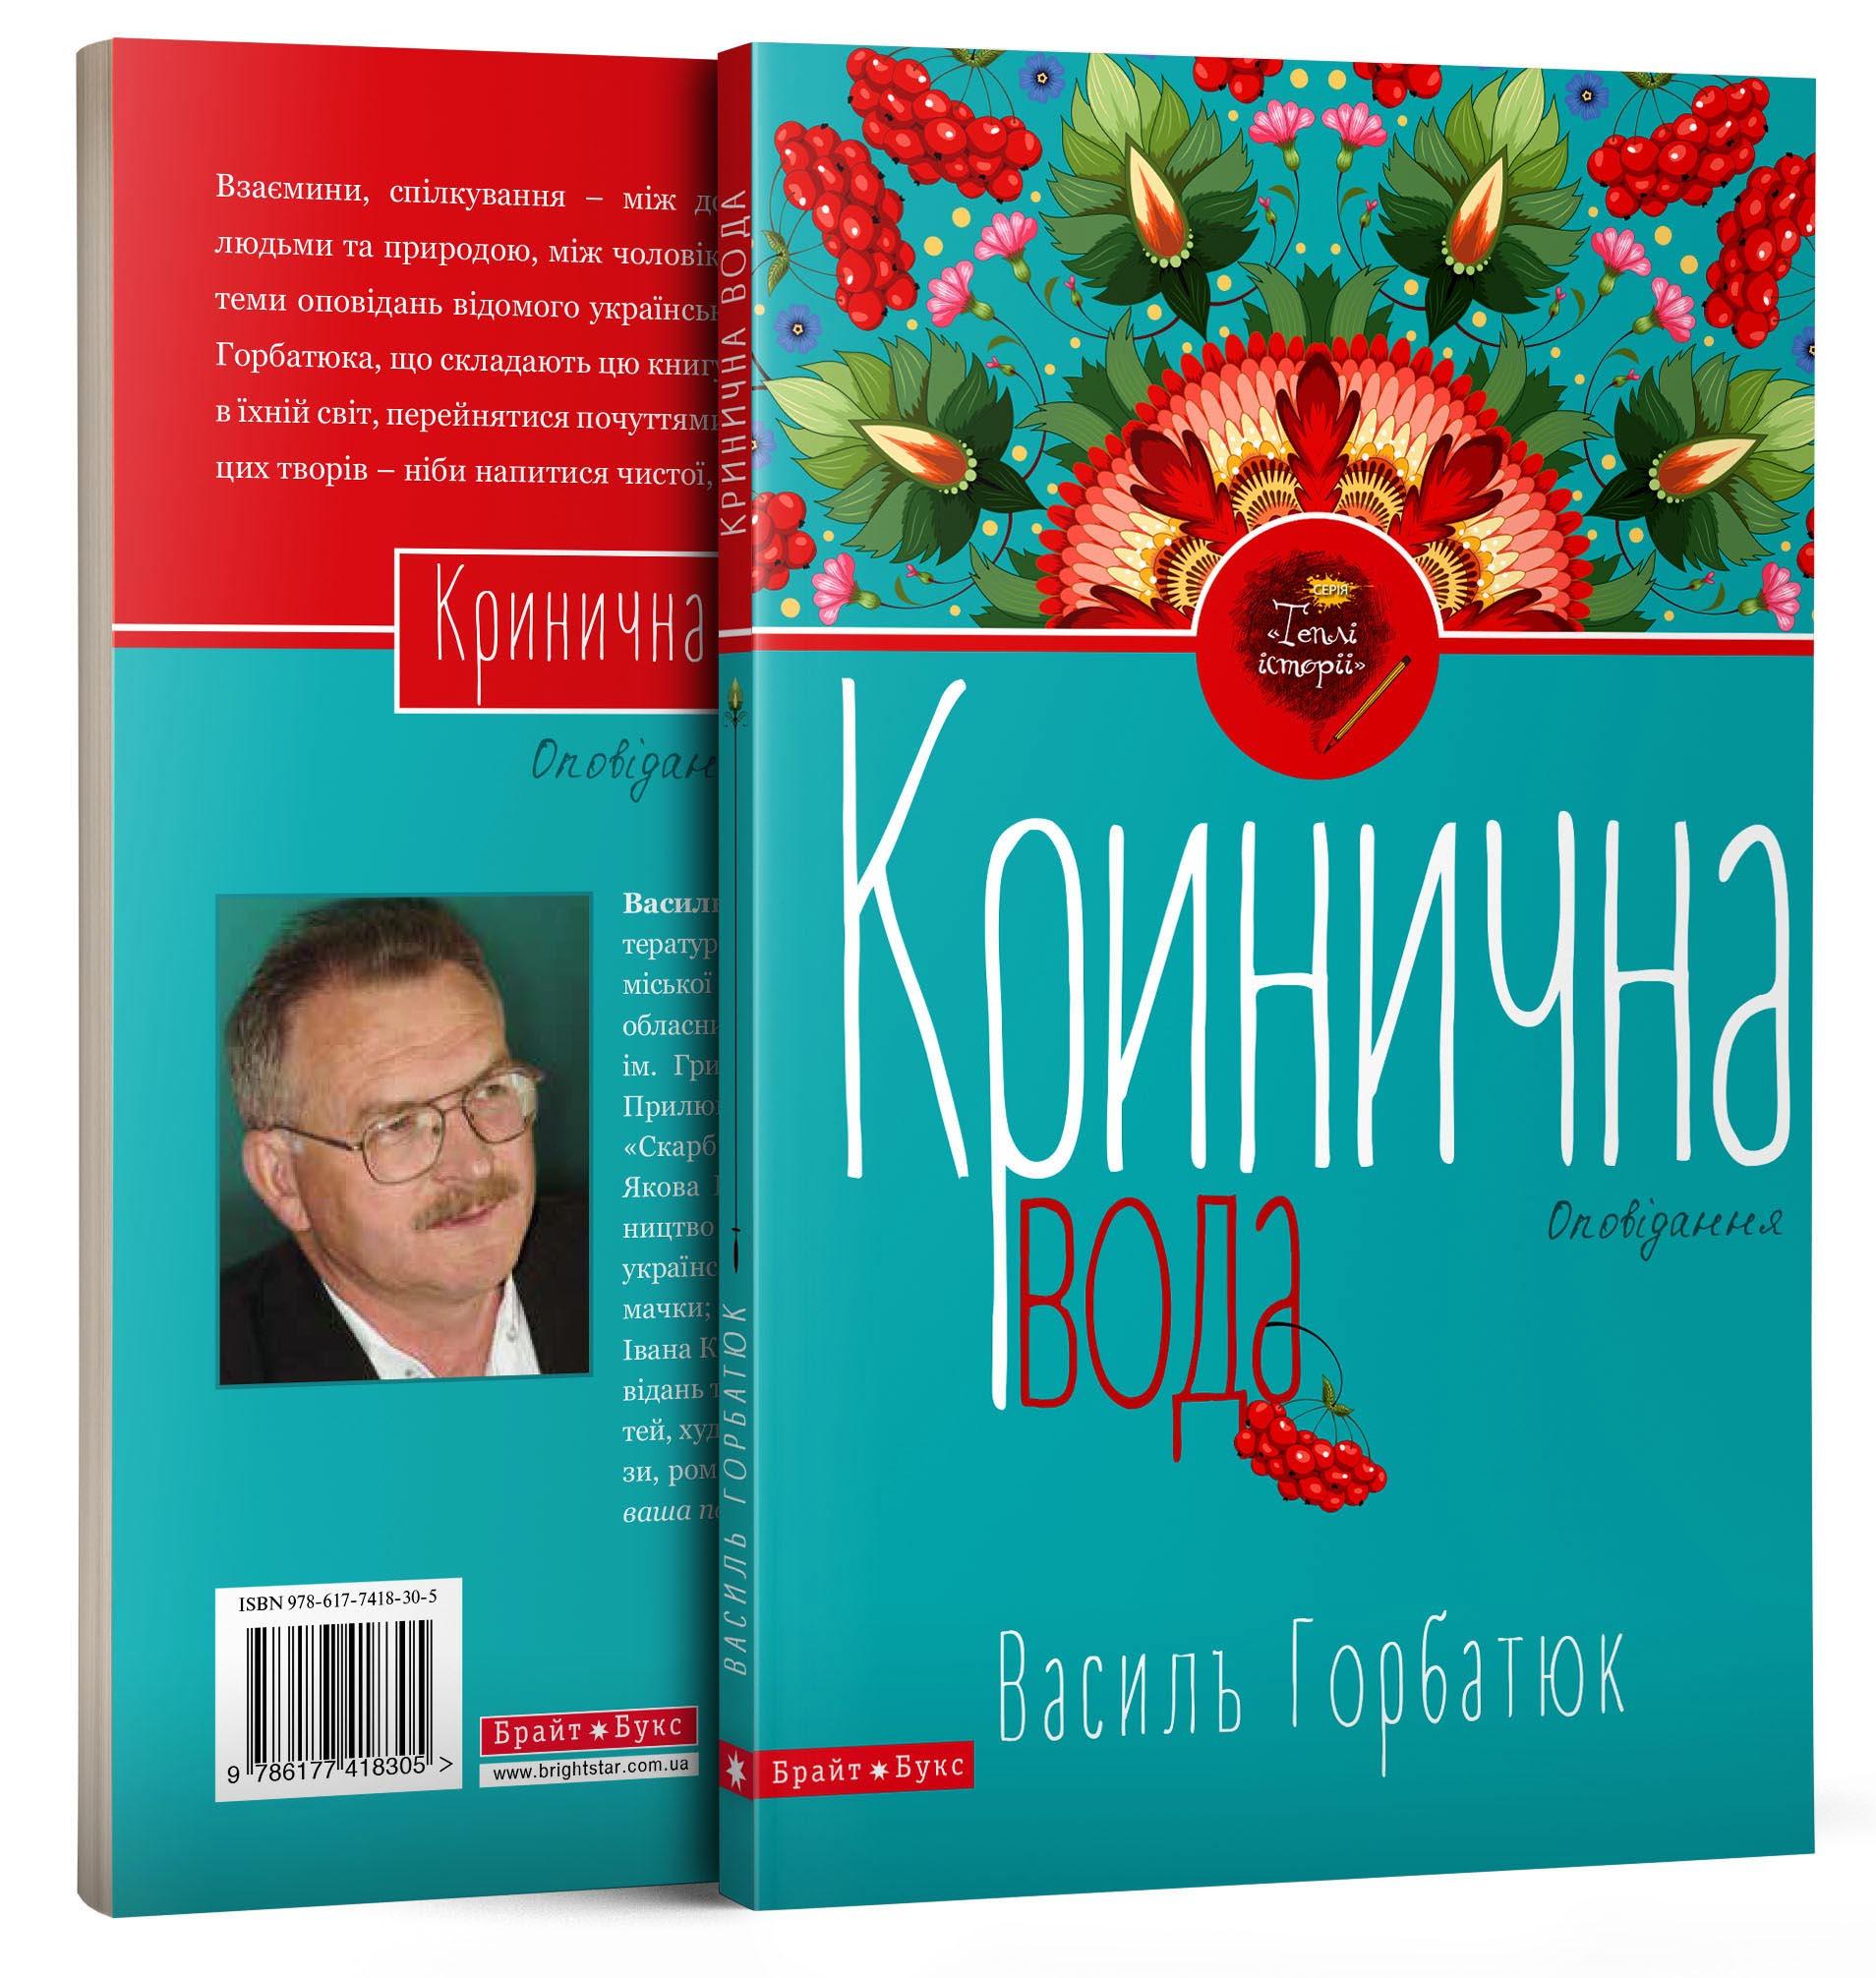 gorbatyuk3.jpg (451.01 Kb)